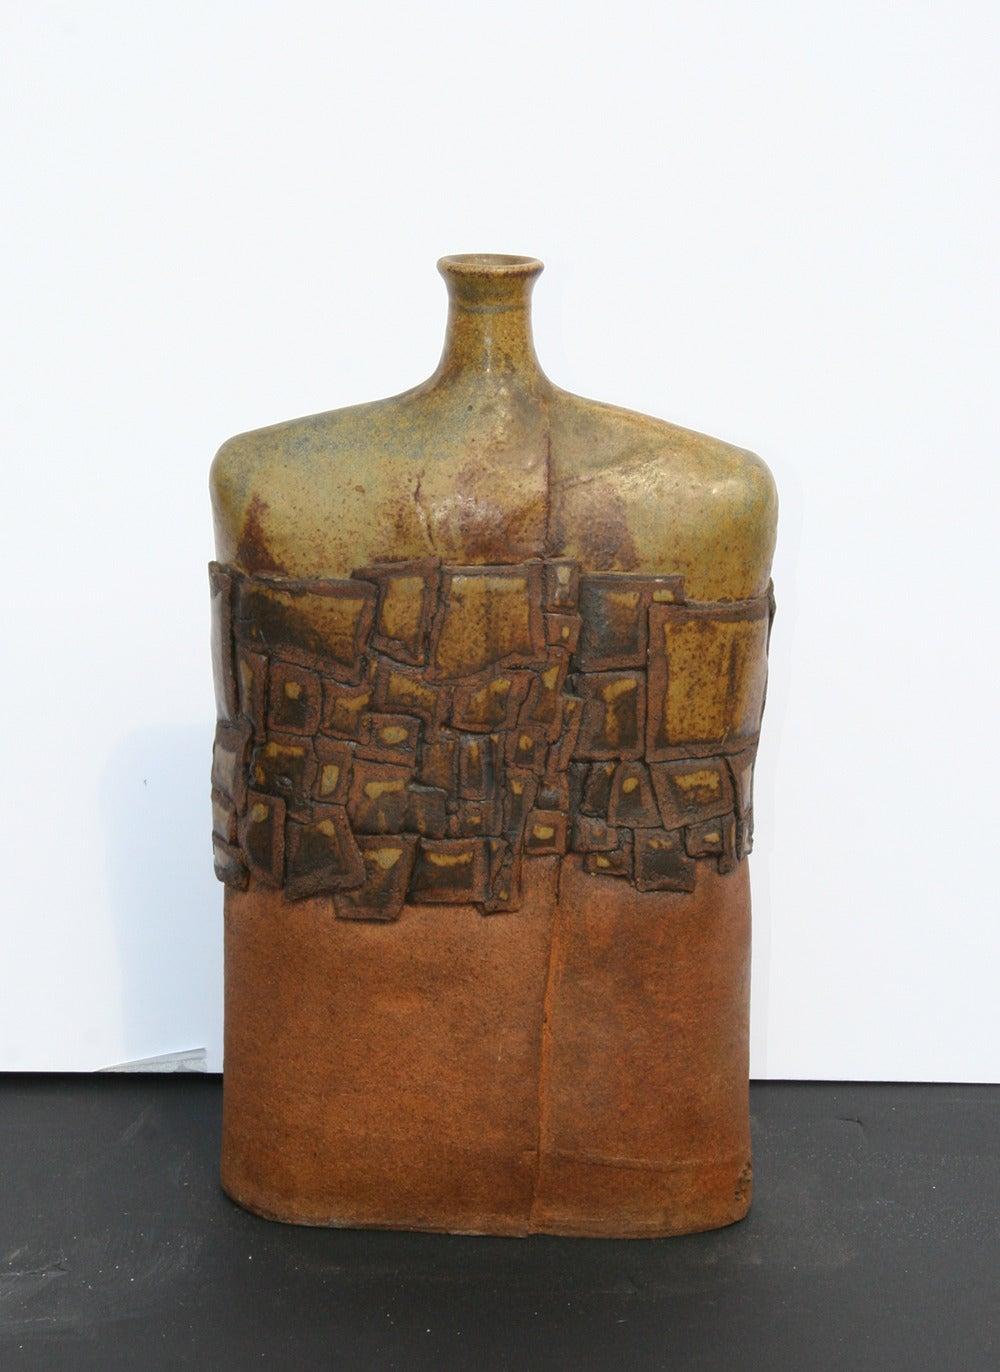 Flask, Unique Artist's Ceramic, circa 1970